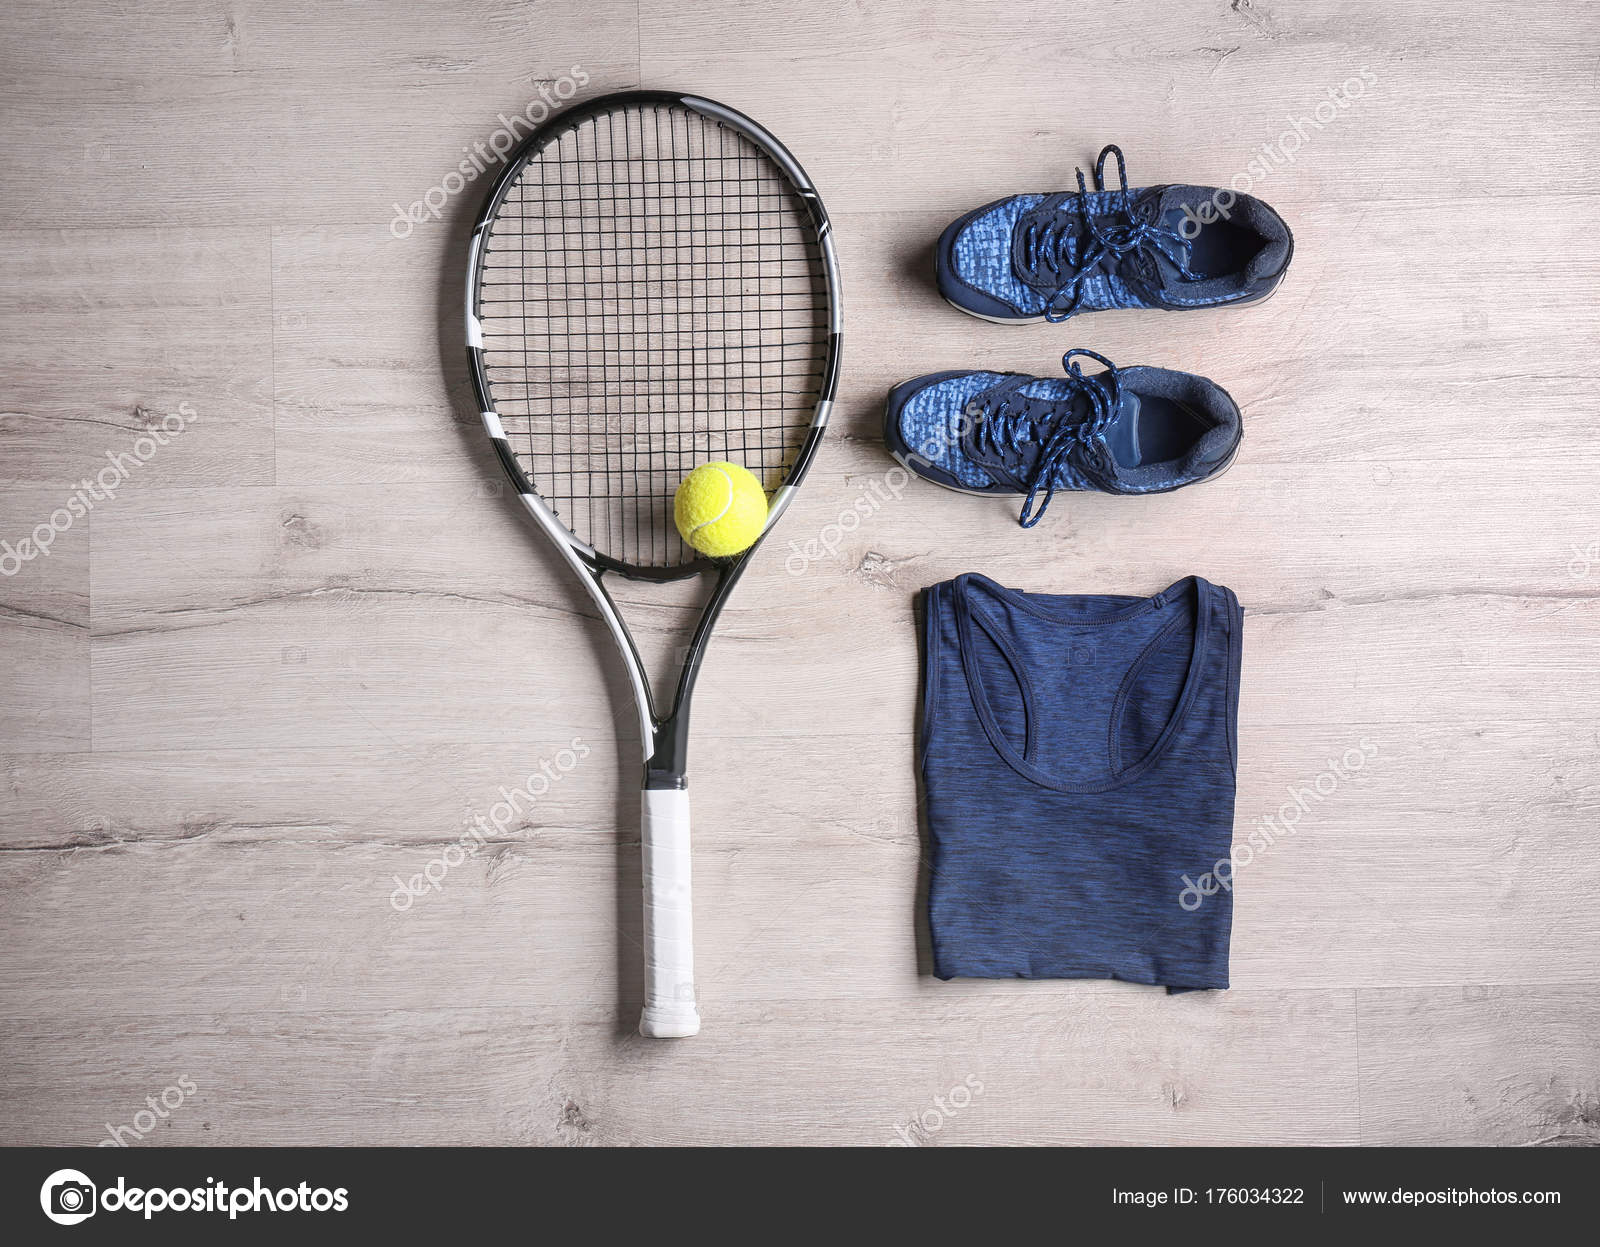 Raquette De Raquette V Tennis Balle Balle Tennis De V Raquette 5qYXIX